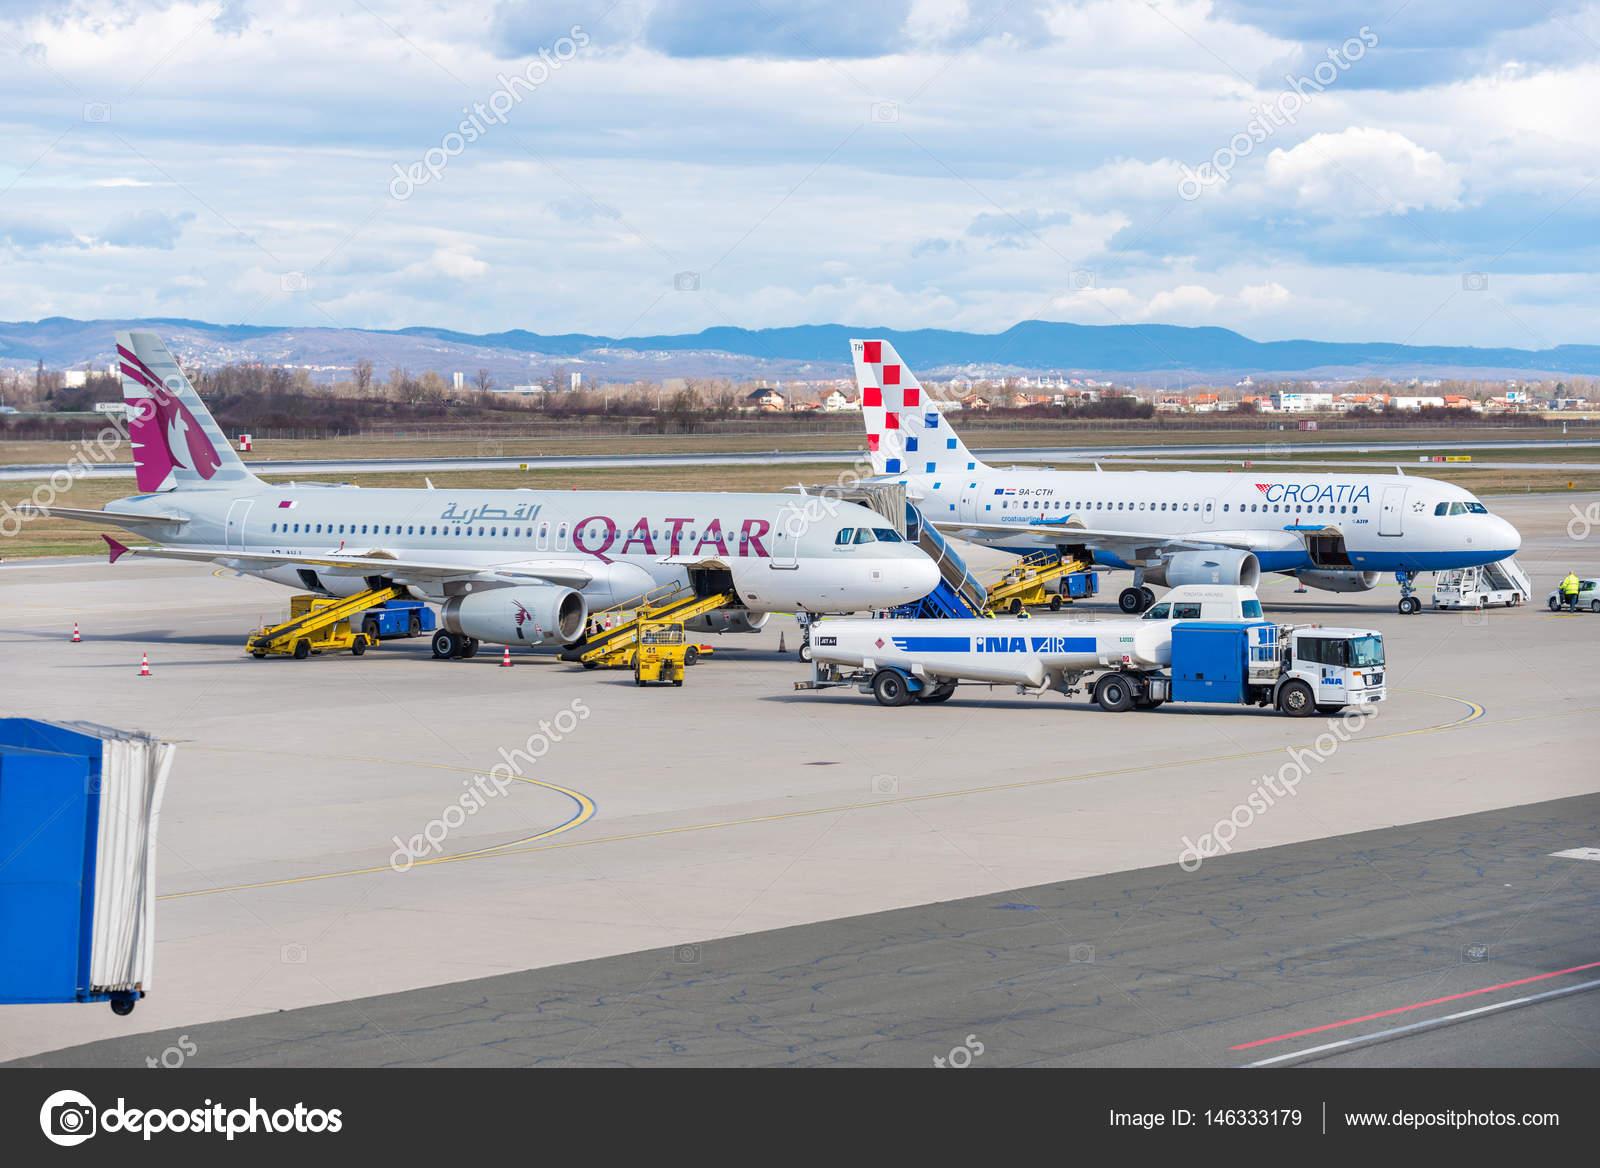 en soldes 03d44 a6955 Qatar Airways et Croatie Airlines Airbus sur tablier pendant ...